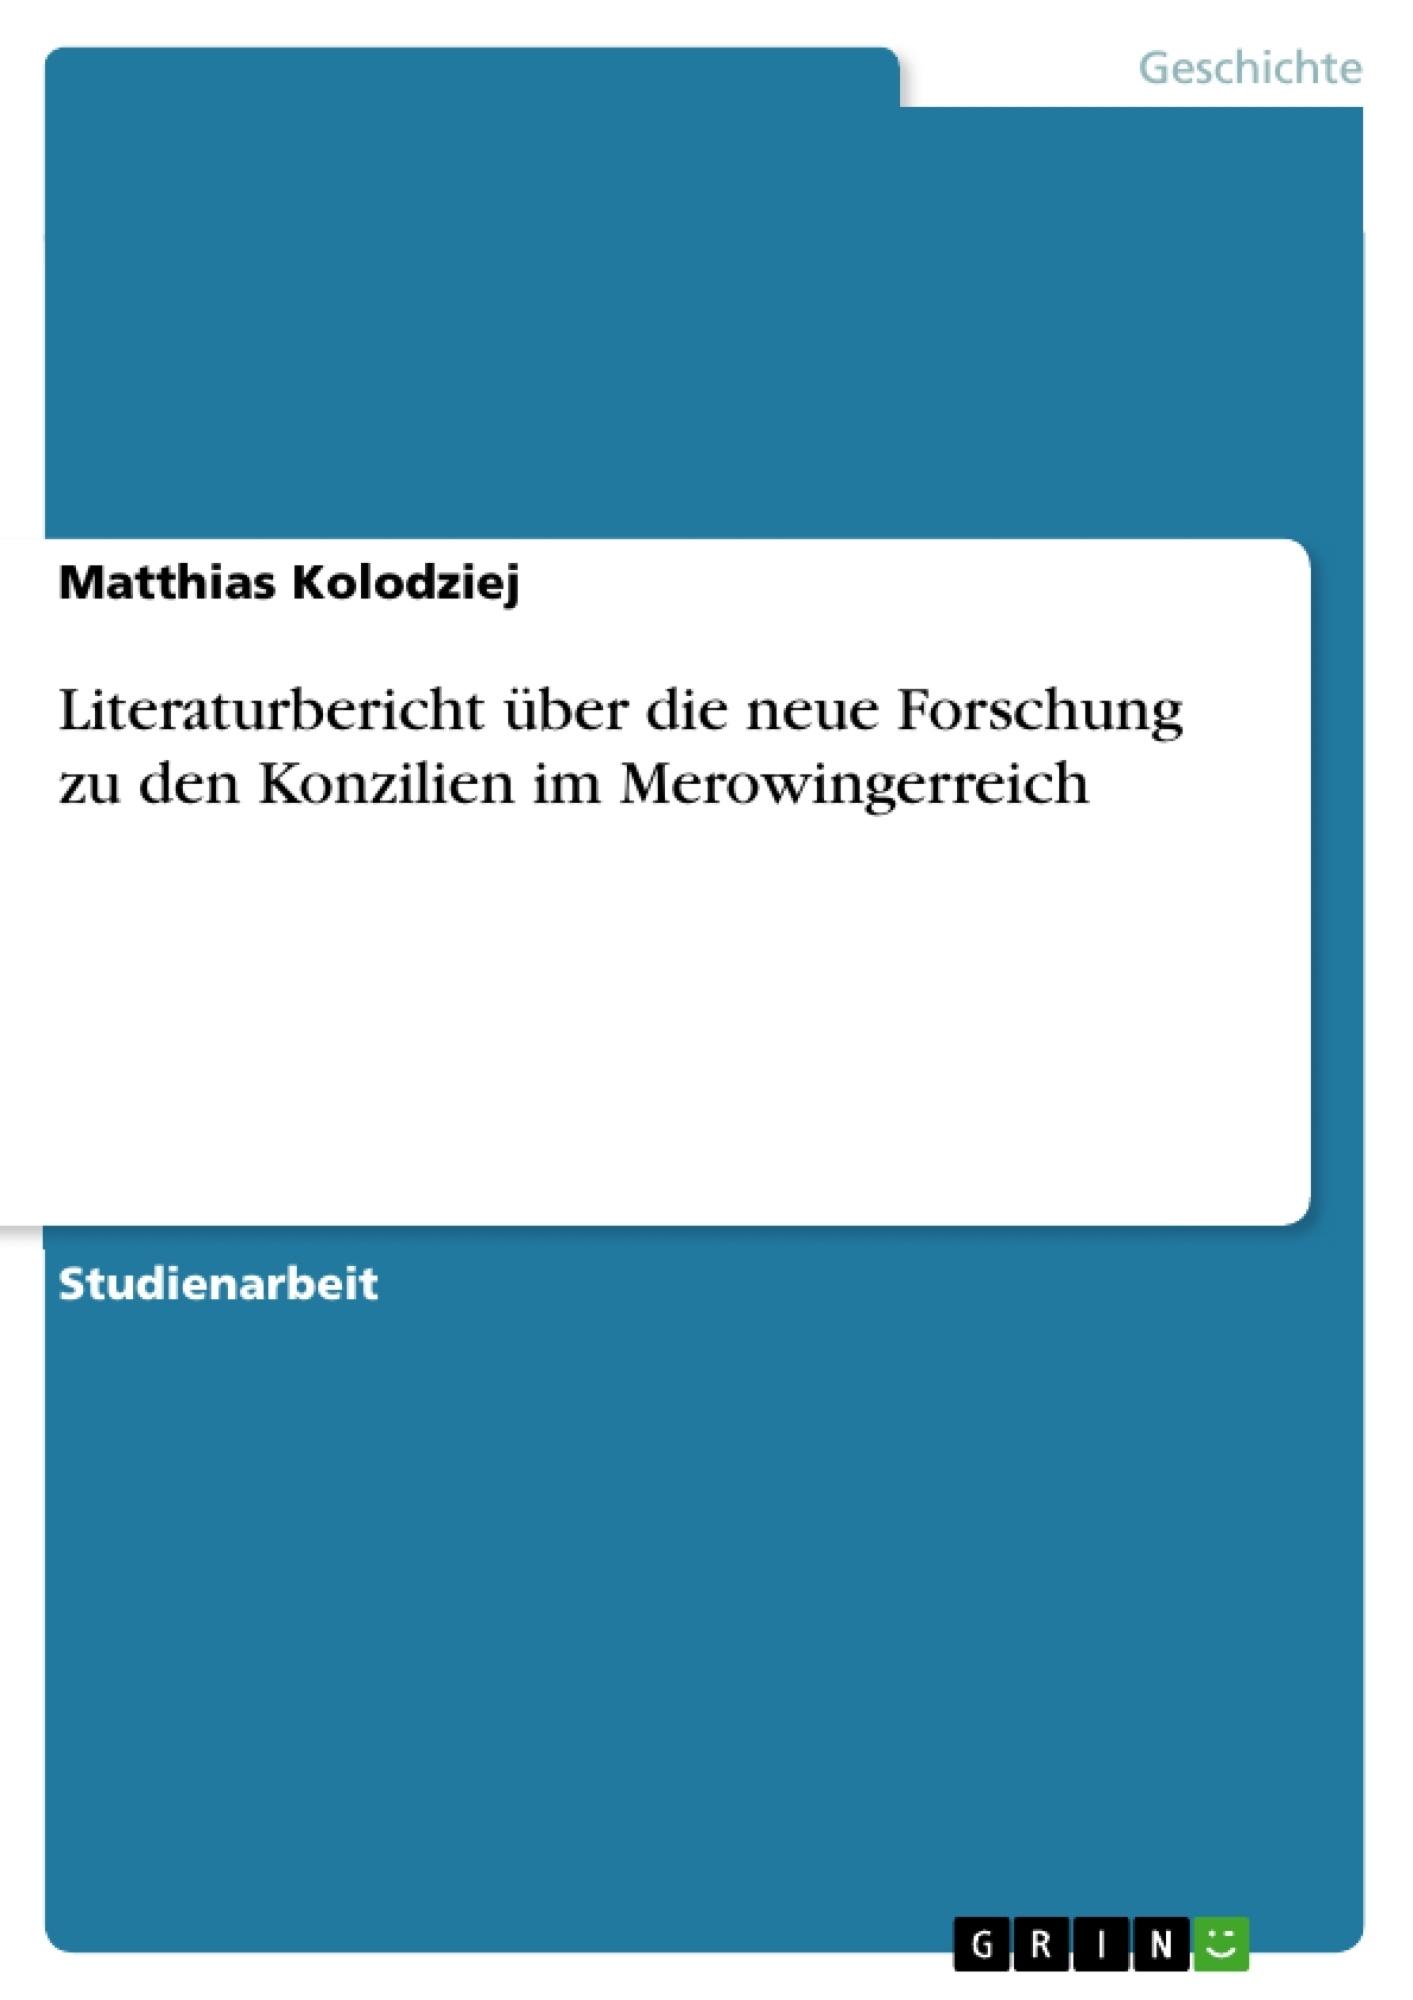 Titel: Literaturbericht über die neue Forschung zu den Konzilien im Merowingerreich